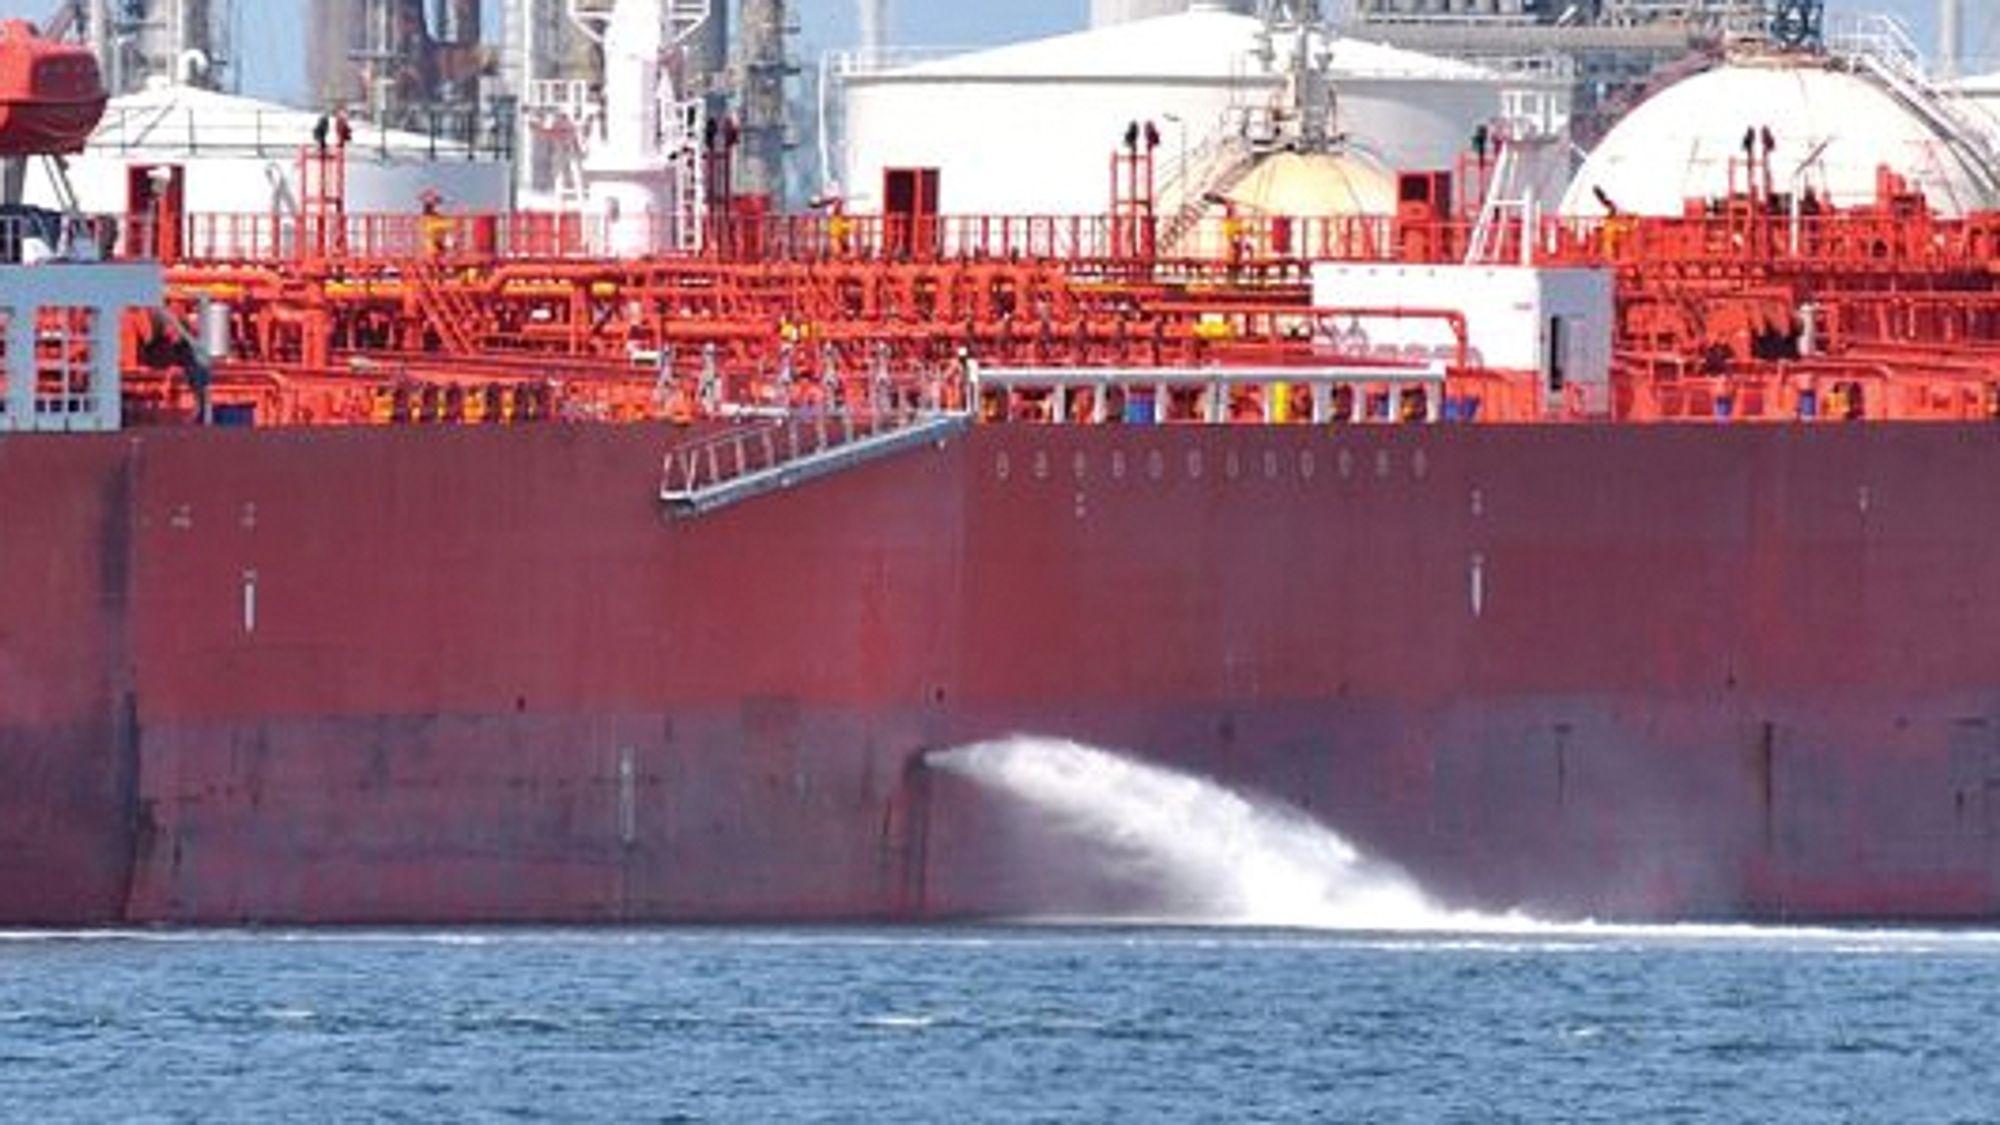 Fra 8. september 2019 må alle skip ha IMO-godkjente ballastvannssystem. US Coast Guard har enda strengere krav.